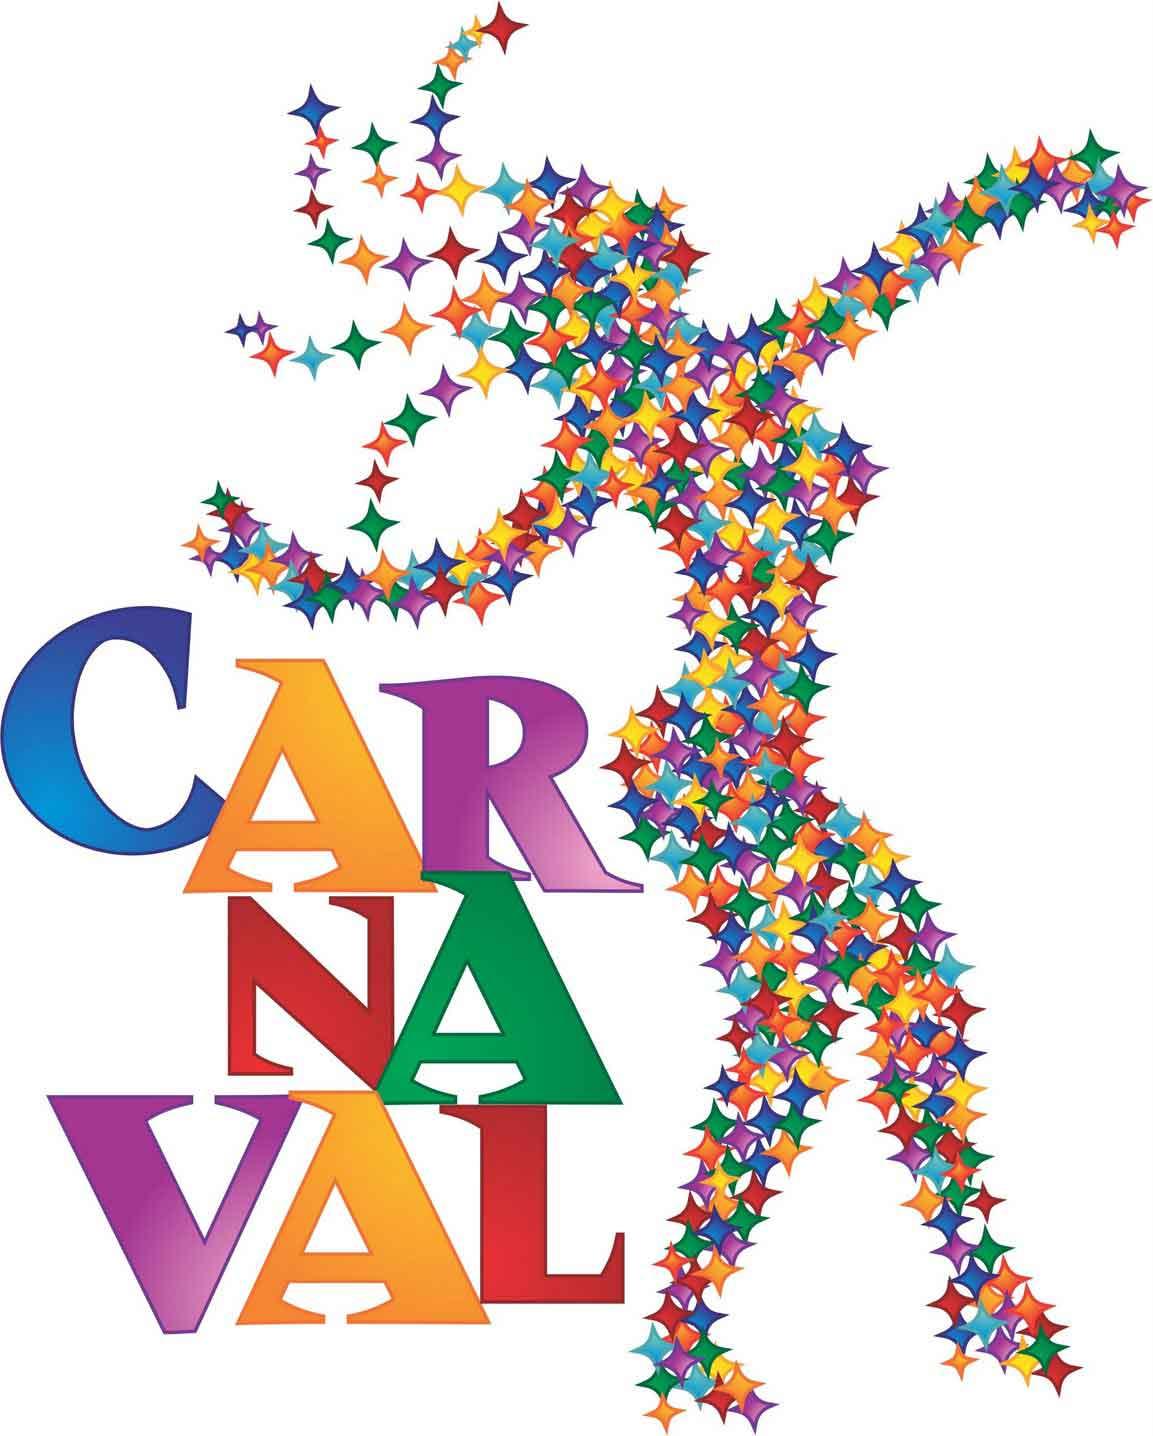 Resultado de imagem para curiosidades do carnaval no brasil